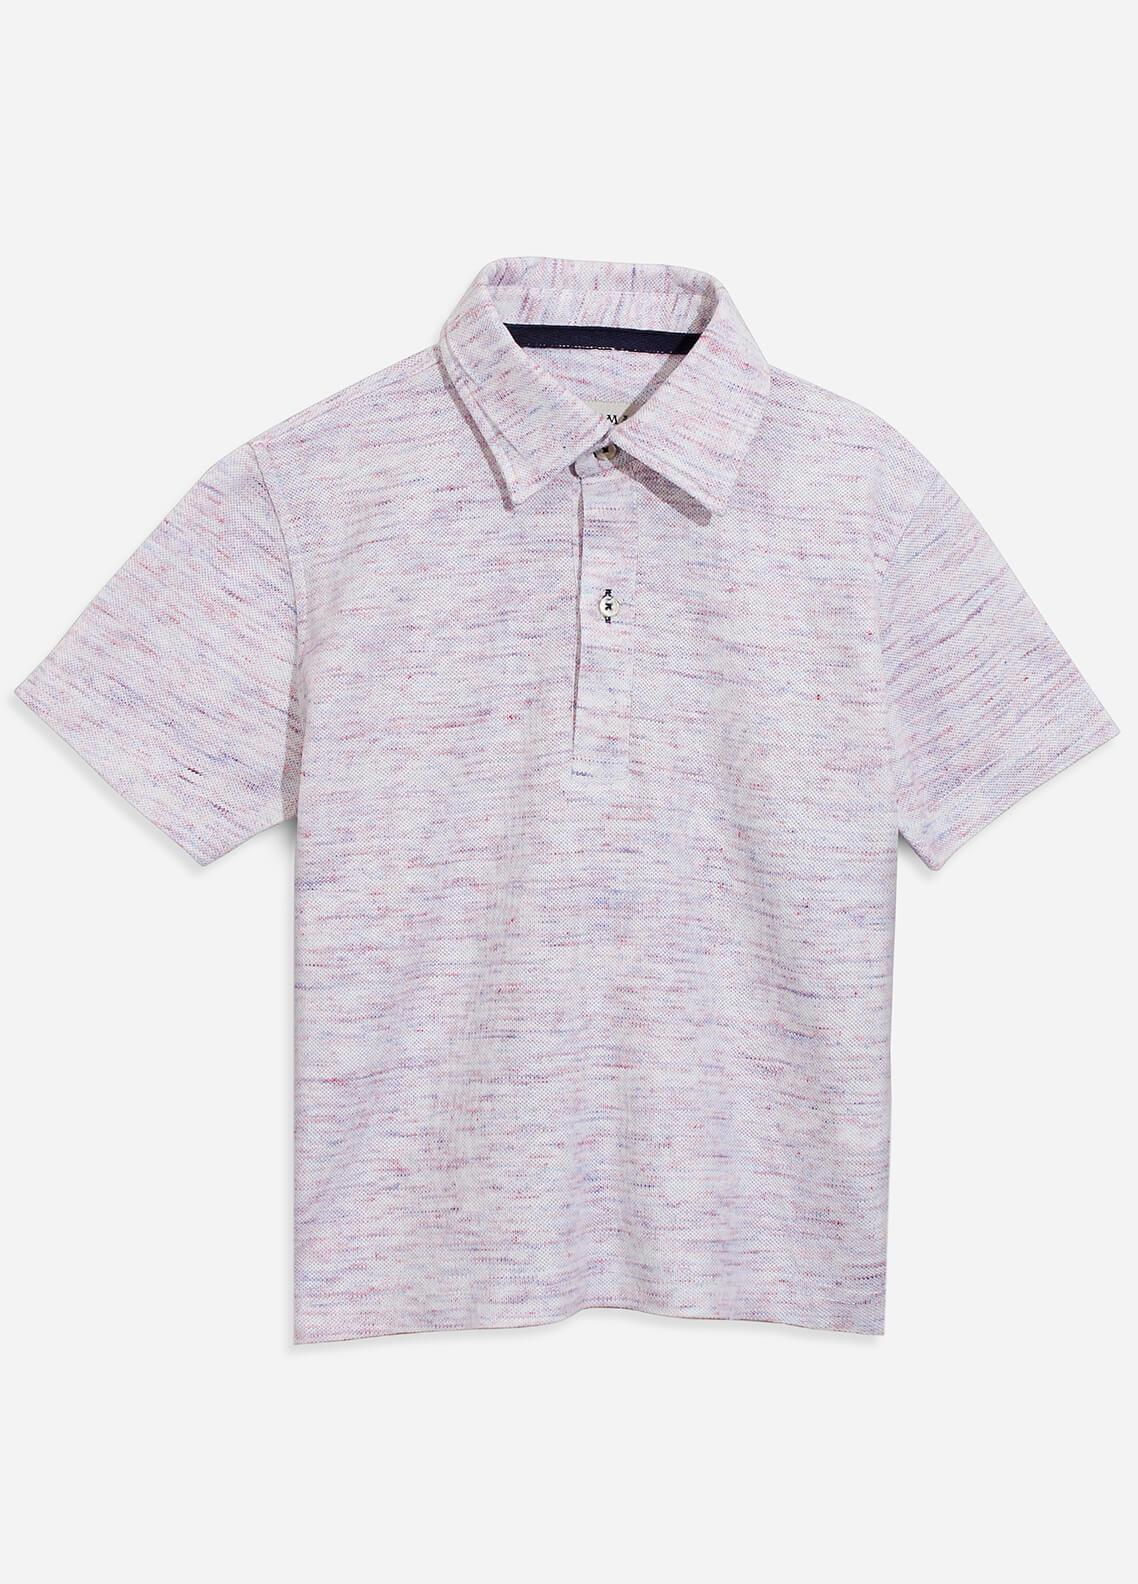 Brumano Cotton Polo Boys Shirts - Grey BRM-100